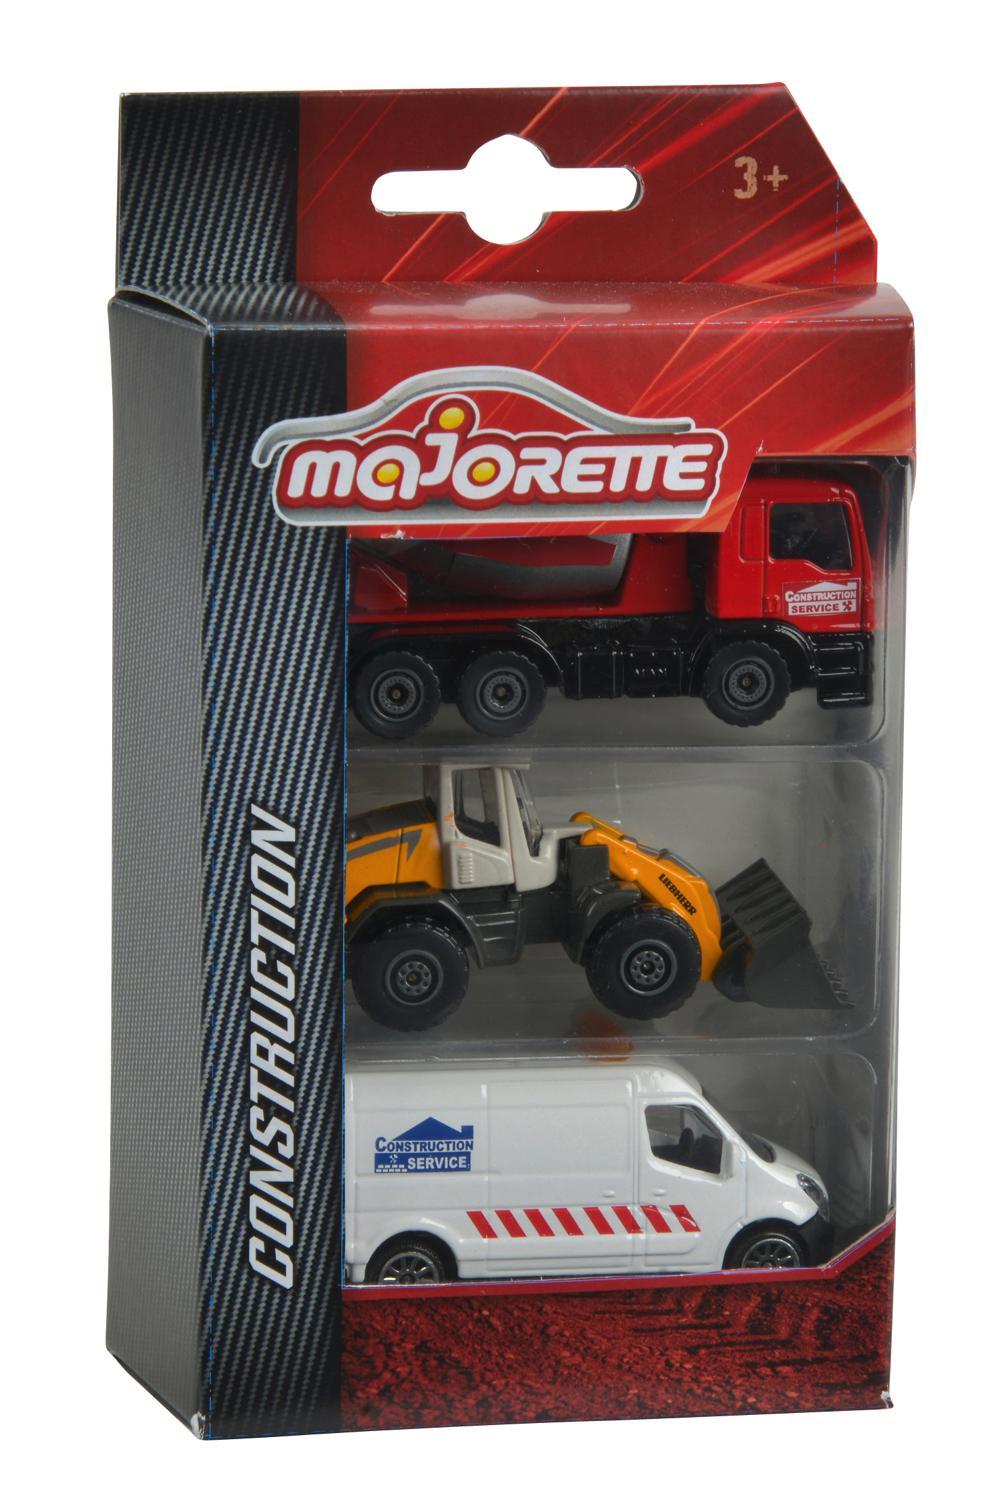 Majorette - 3 Construction Vehicles assorted